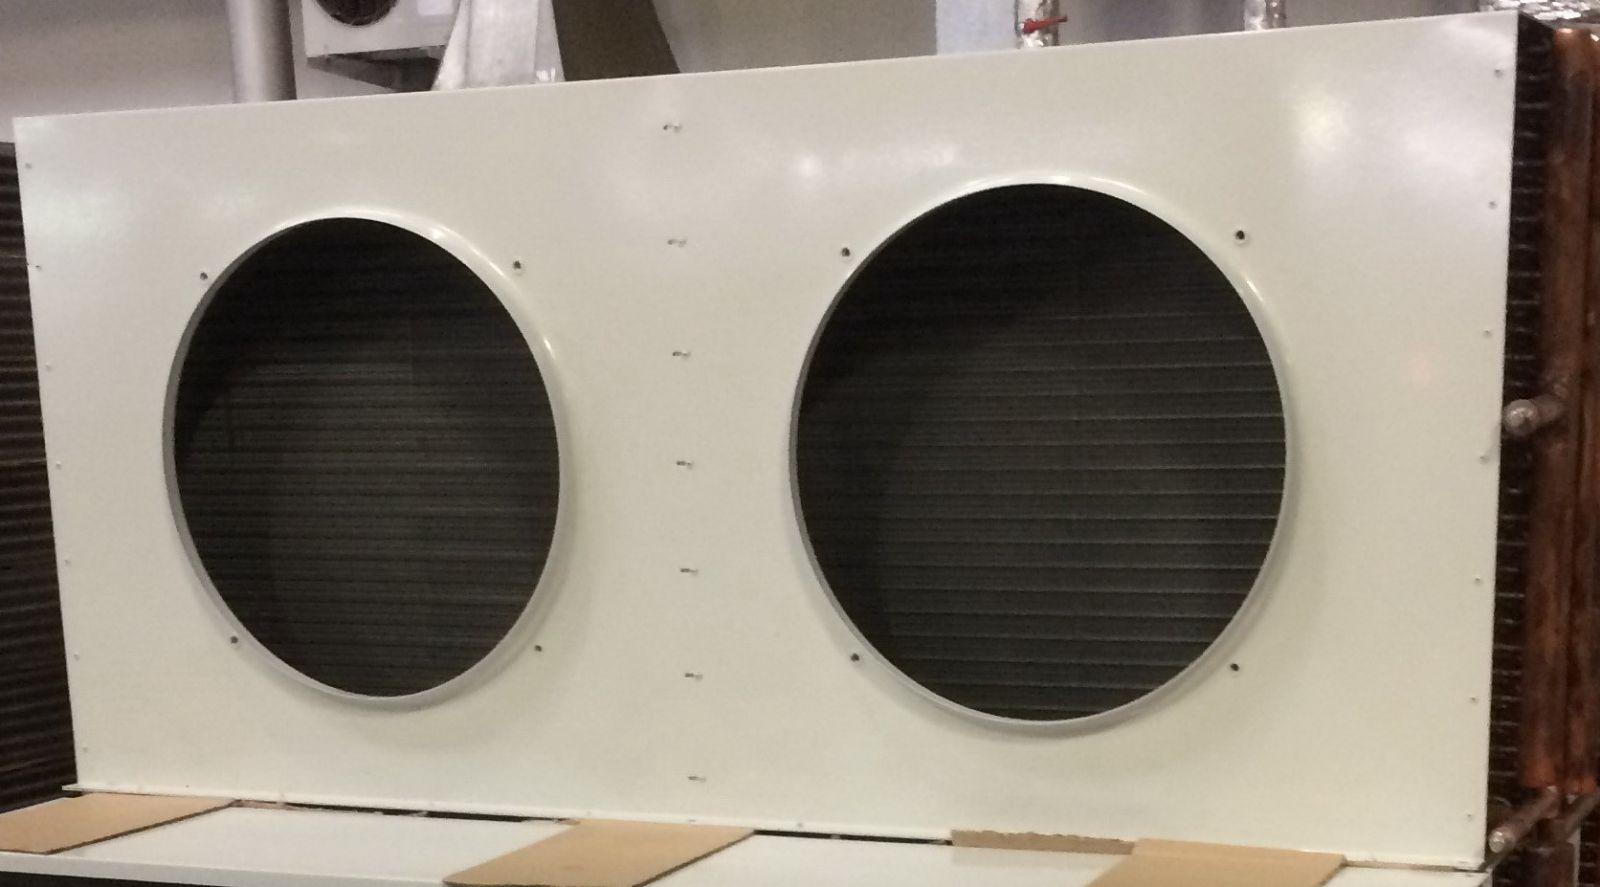 Теплообменник для холодильного оборудования Уплотнения теплообменника Alfa Laval M10-BW FDR Железногорск